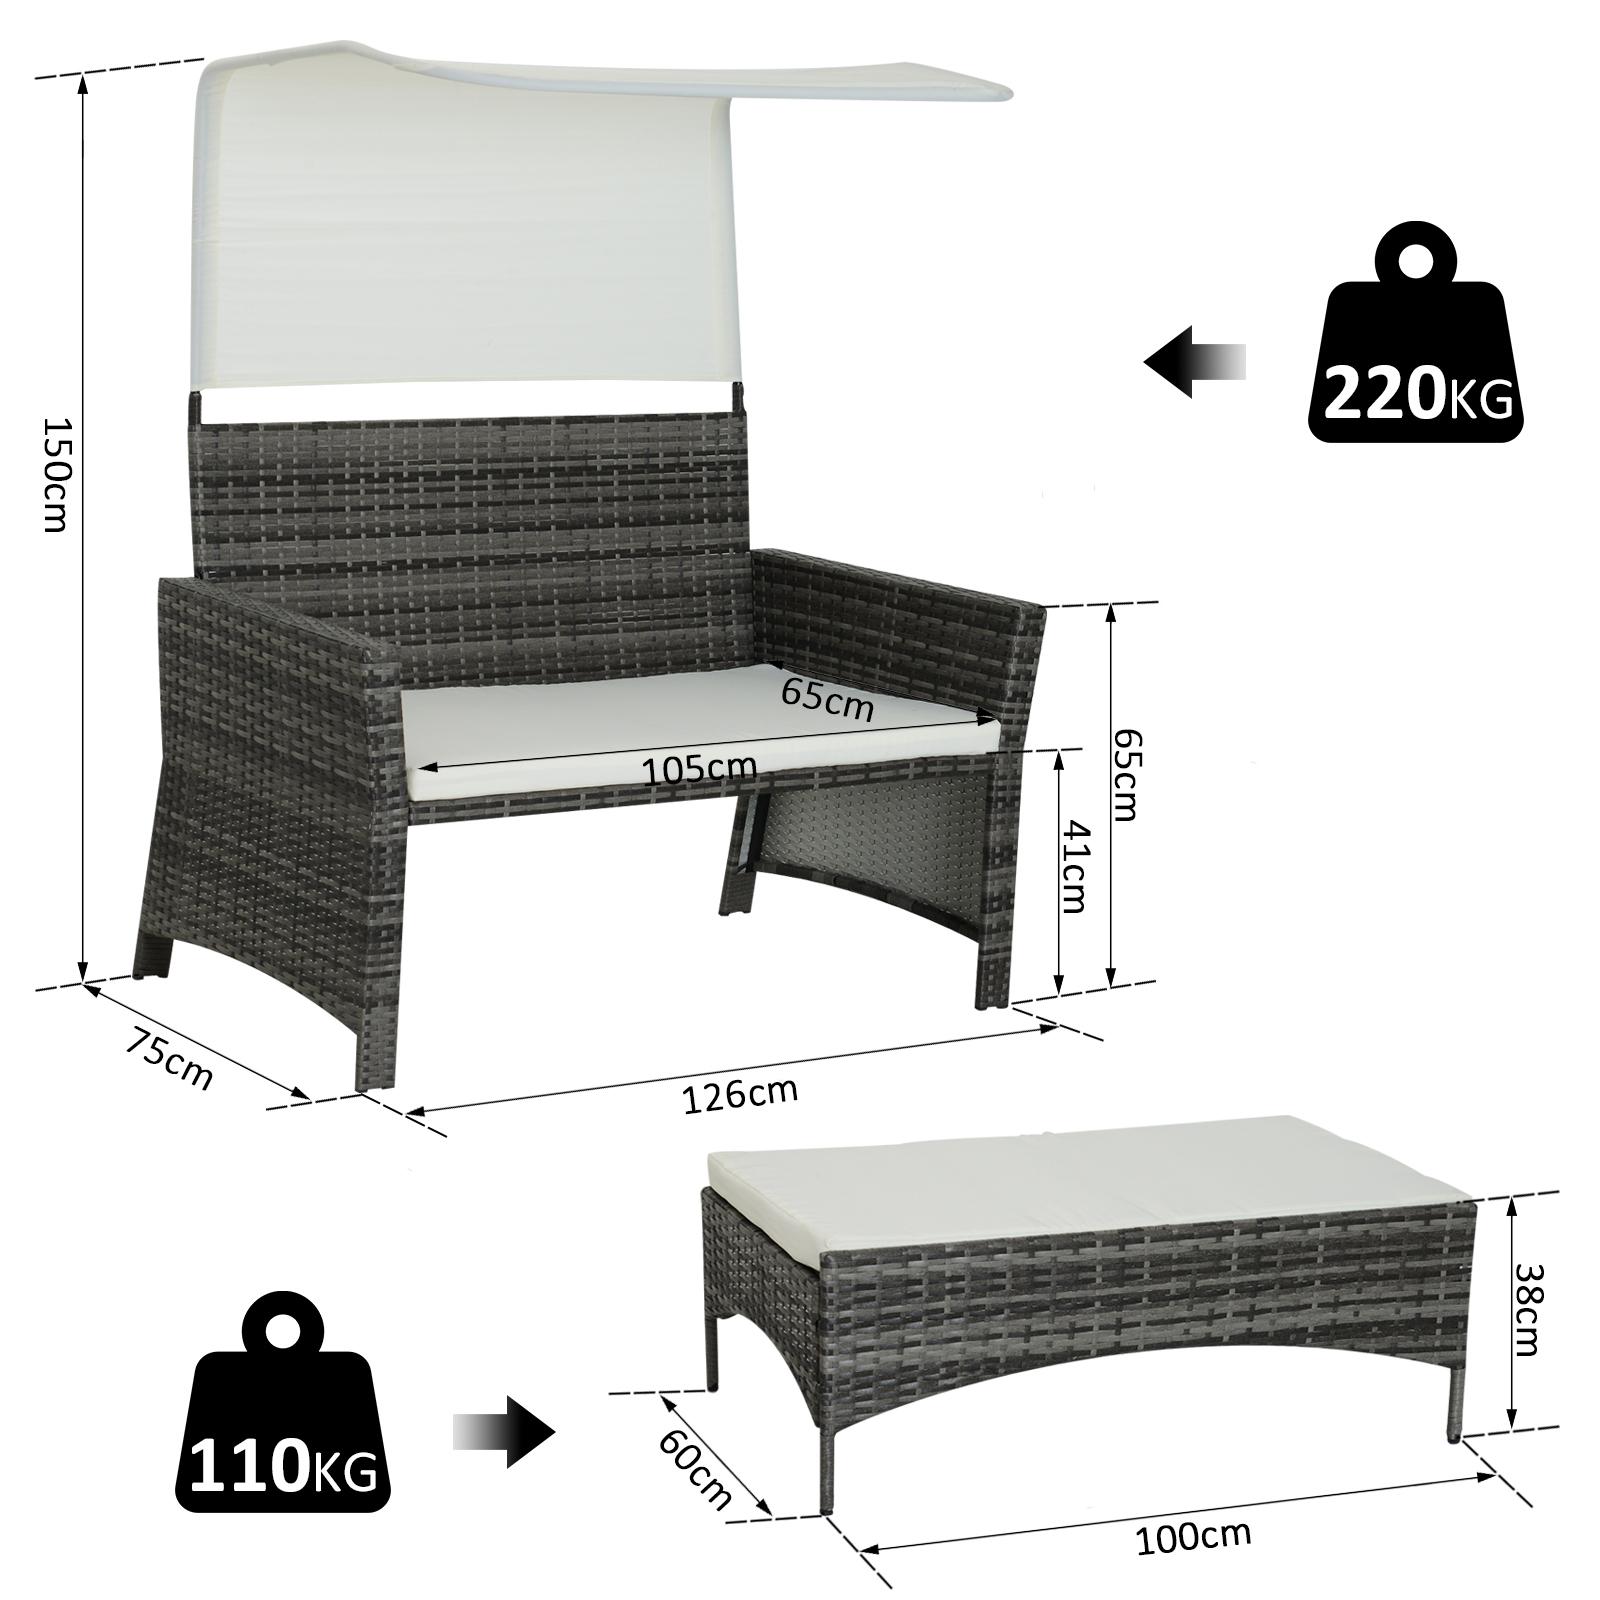 Sofa-de-Ratan-Dos-Plazas-Sillon-Mueble-Jardin-Terraza-con-Reposapies-Toldo-Cojin miniatura 8